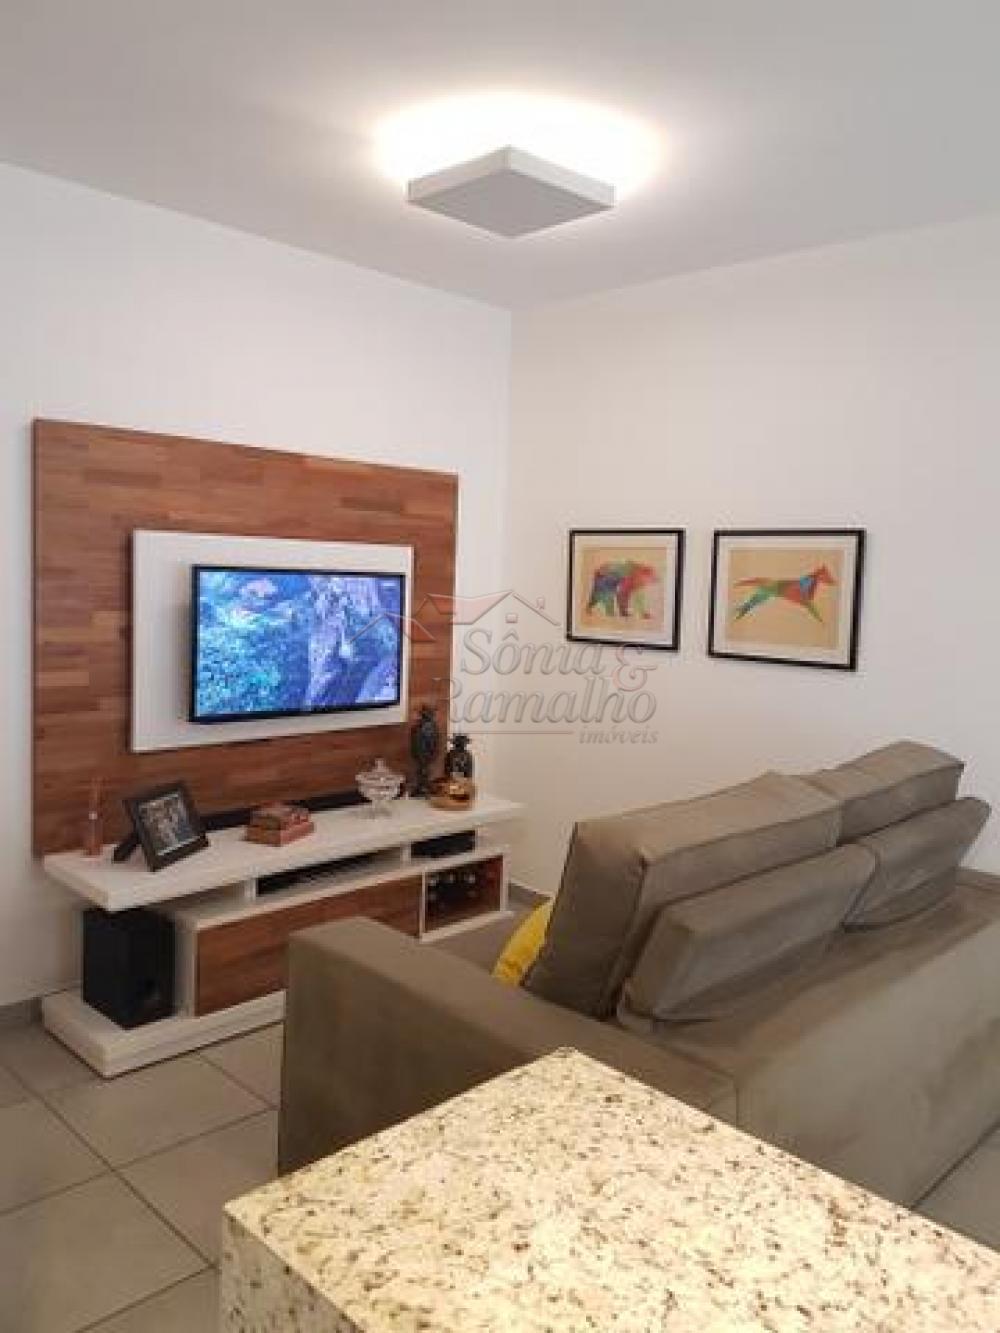 Comprar Apartamentos / Padrão em Ribeirão Preto apenas R$ 300.000,00 - Foto 3